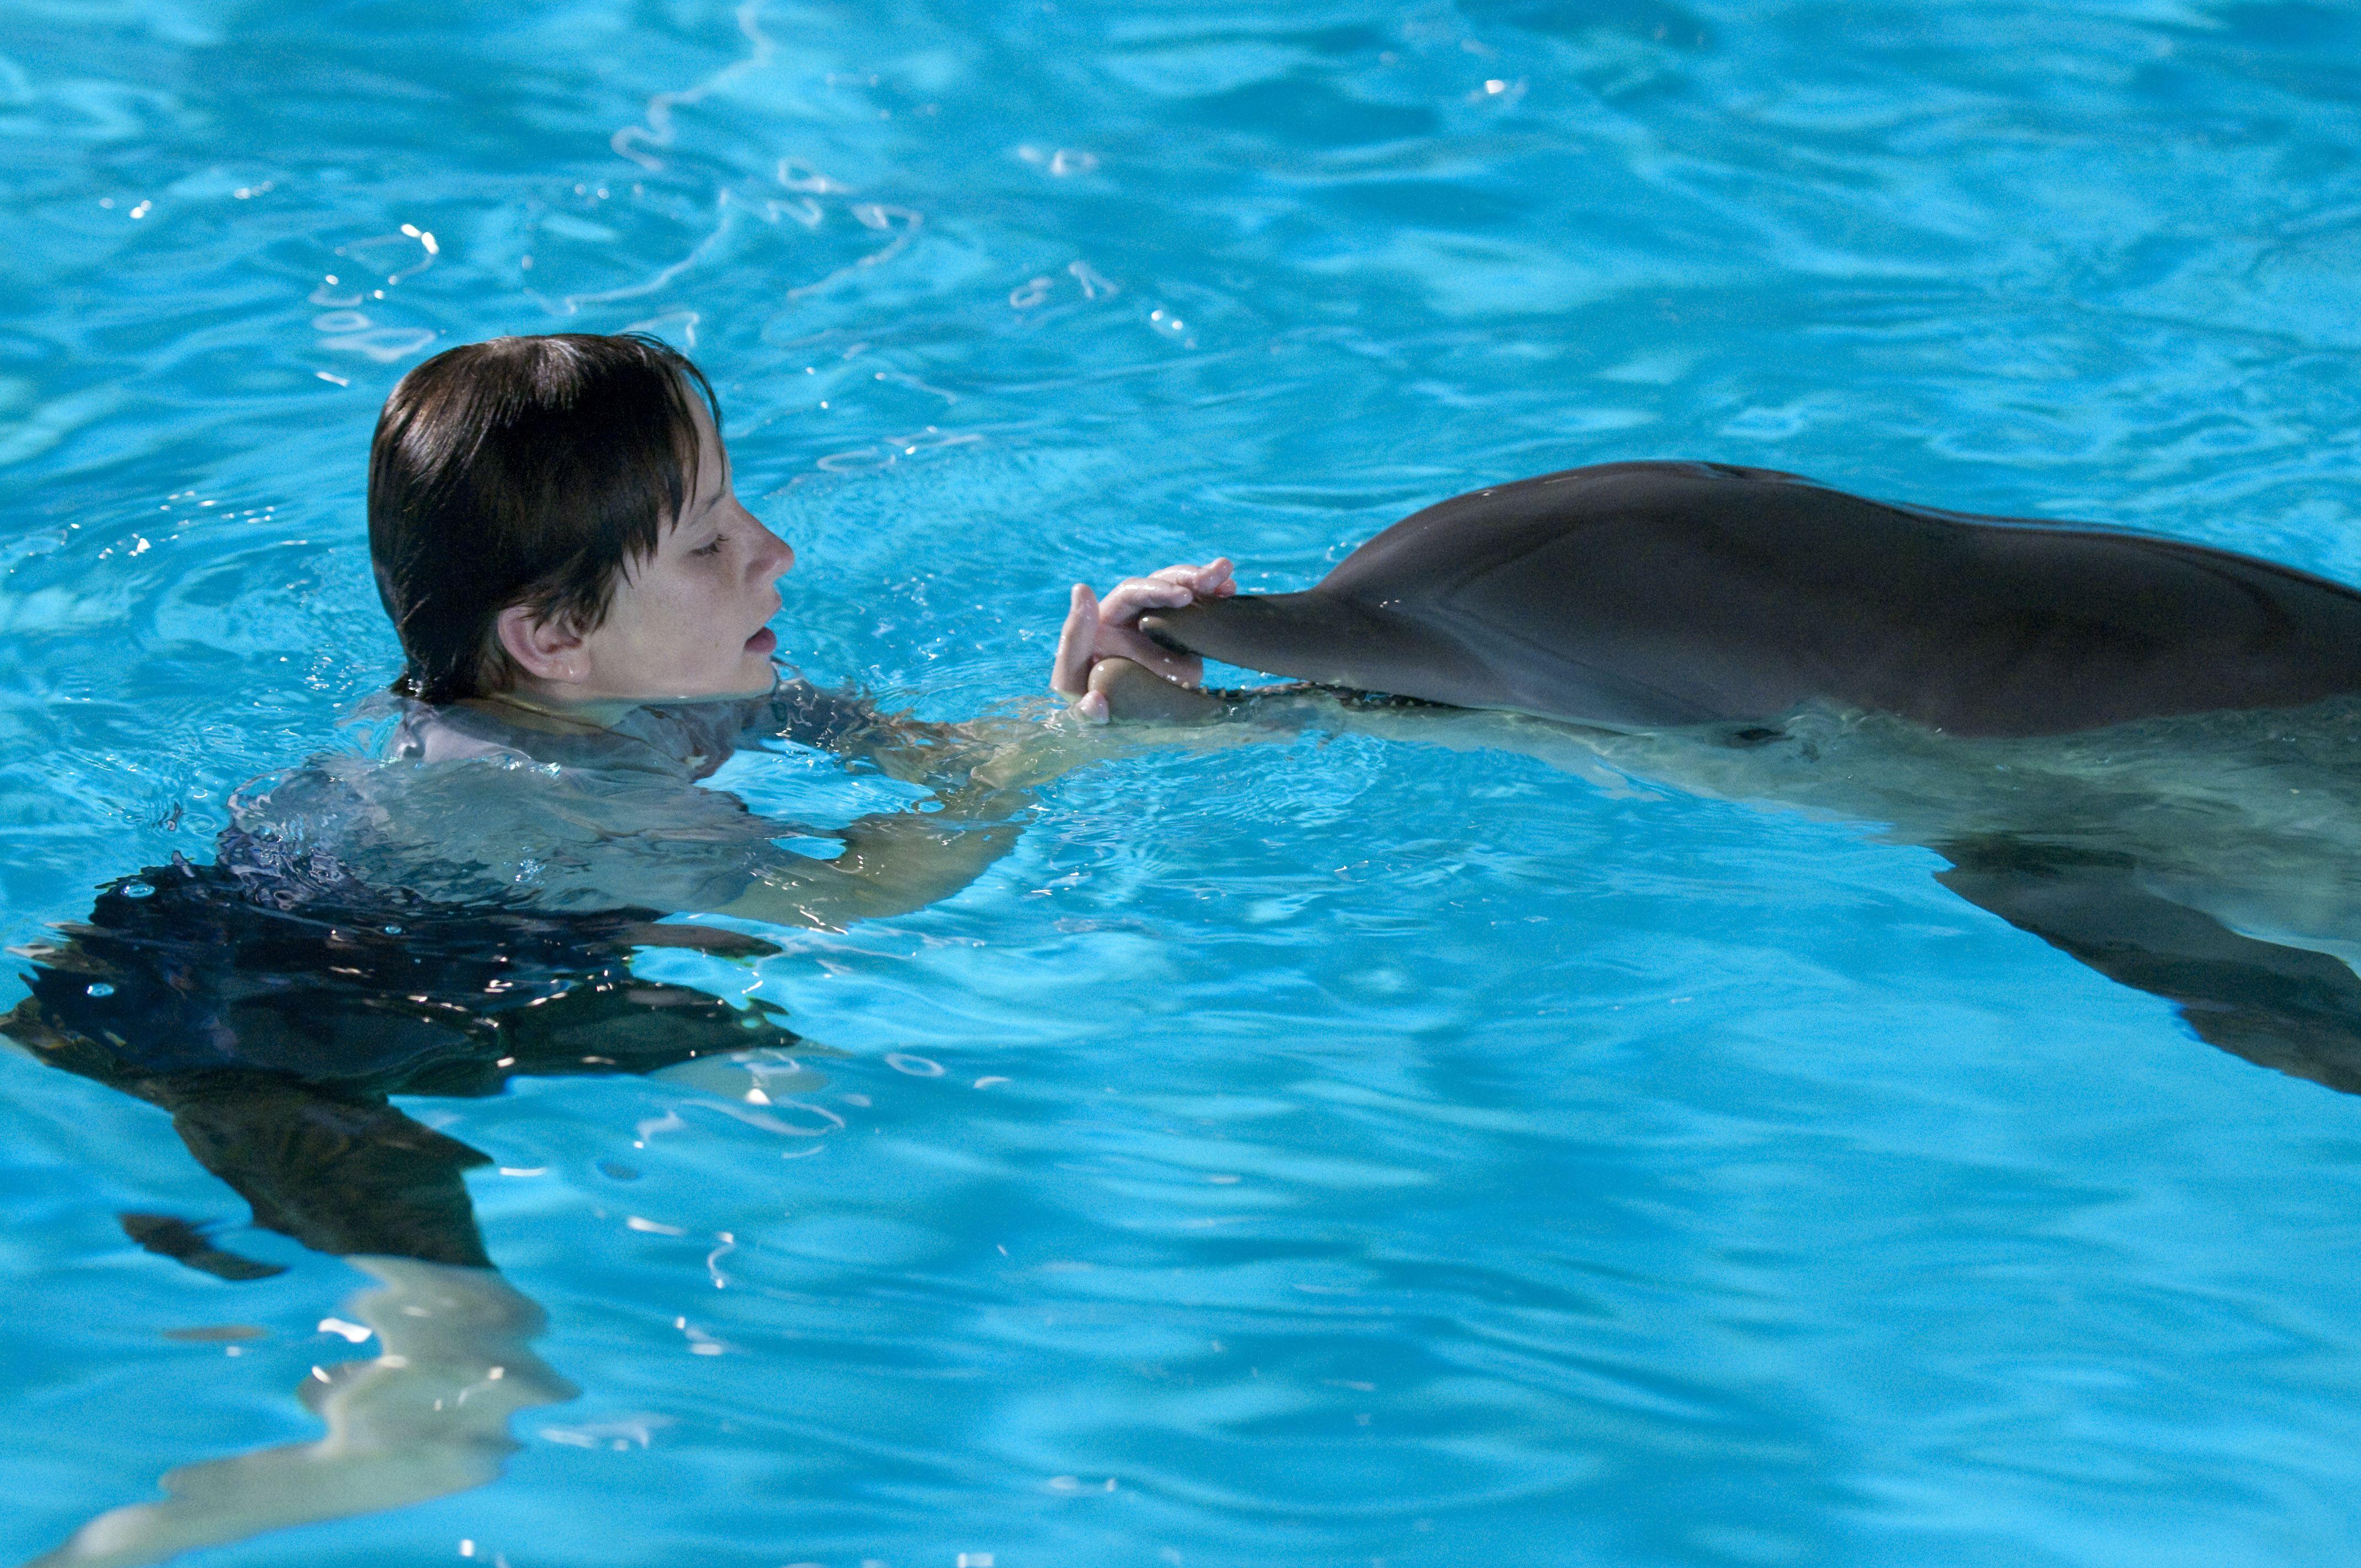 Секс с дельфином игра 10 фотография